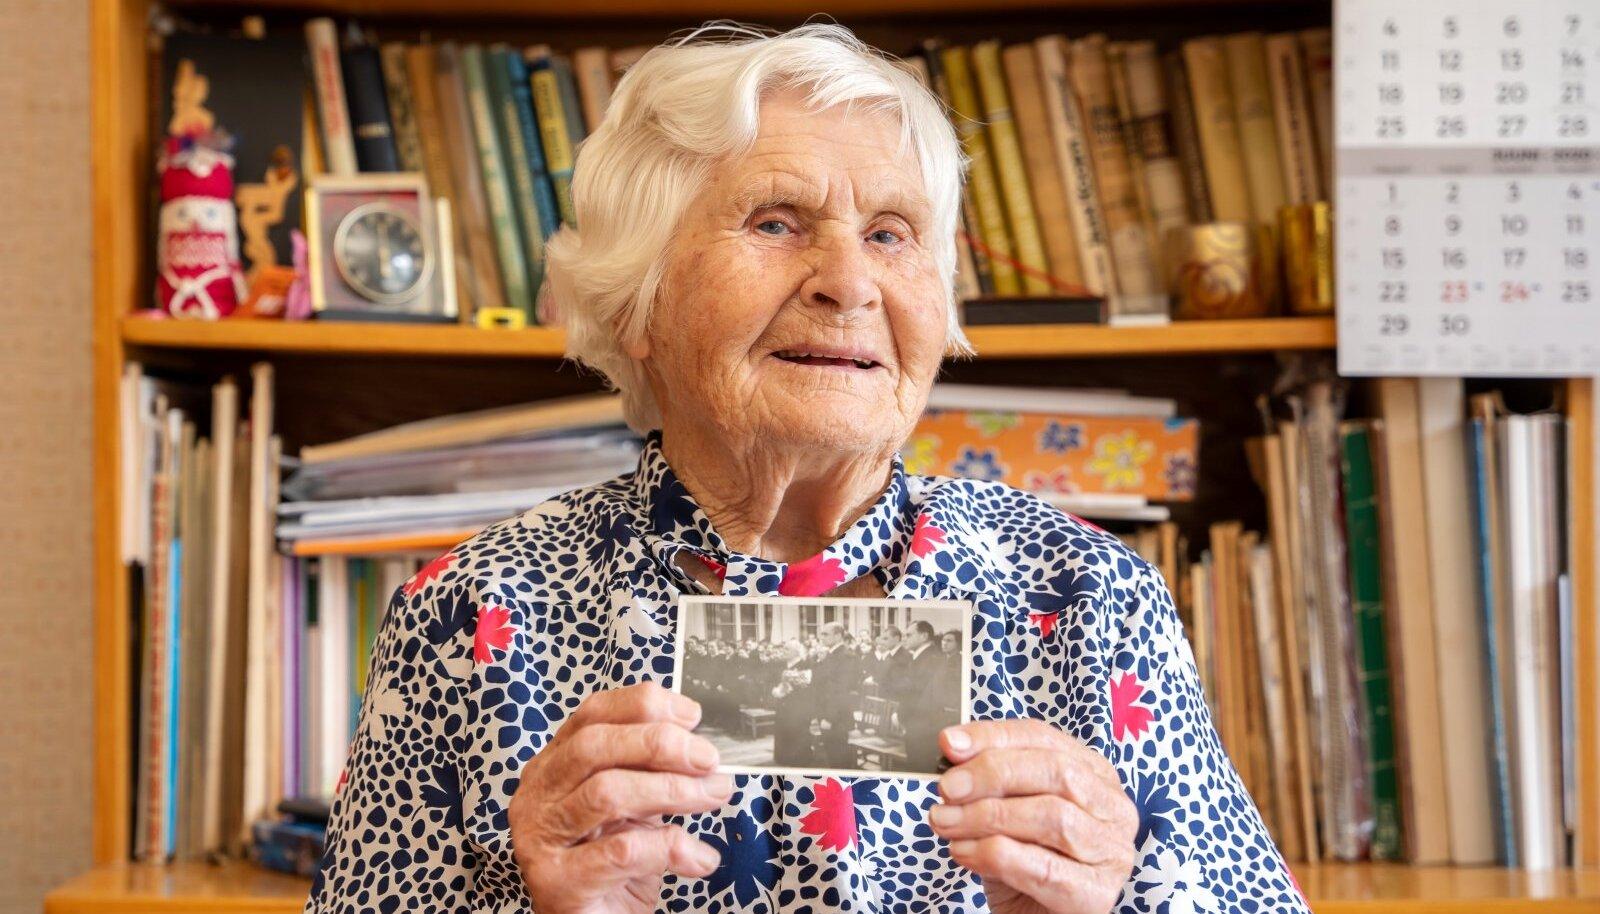 TÄHTIS MÄLESTUS: 1939. aastal, kui Miina Härma sai 75, käis Endla Langel talle sünnipäevalaulu laulmas.